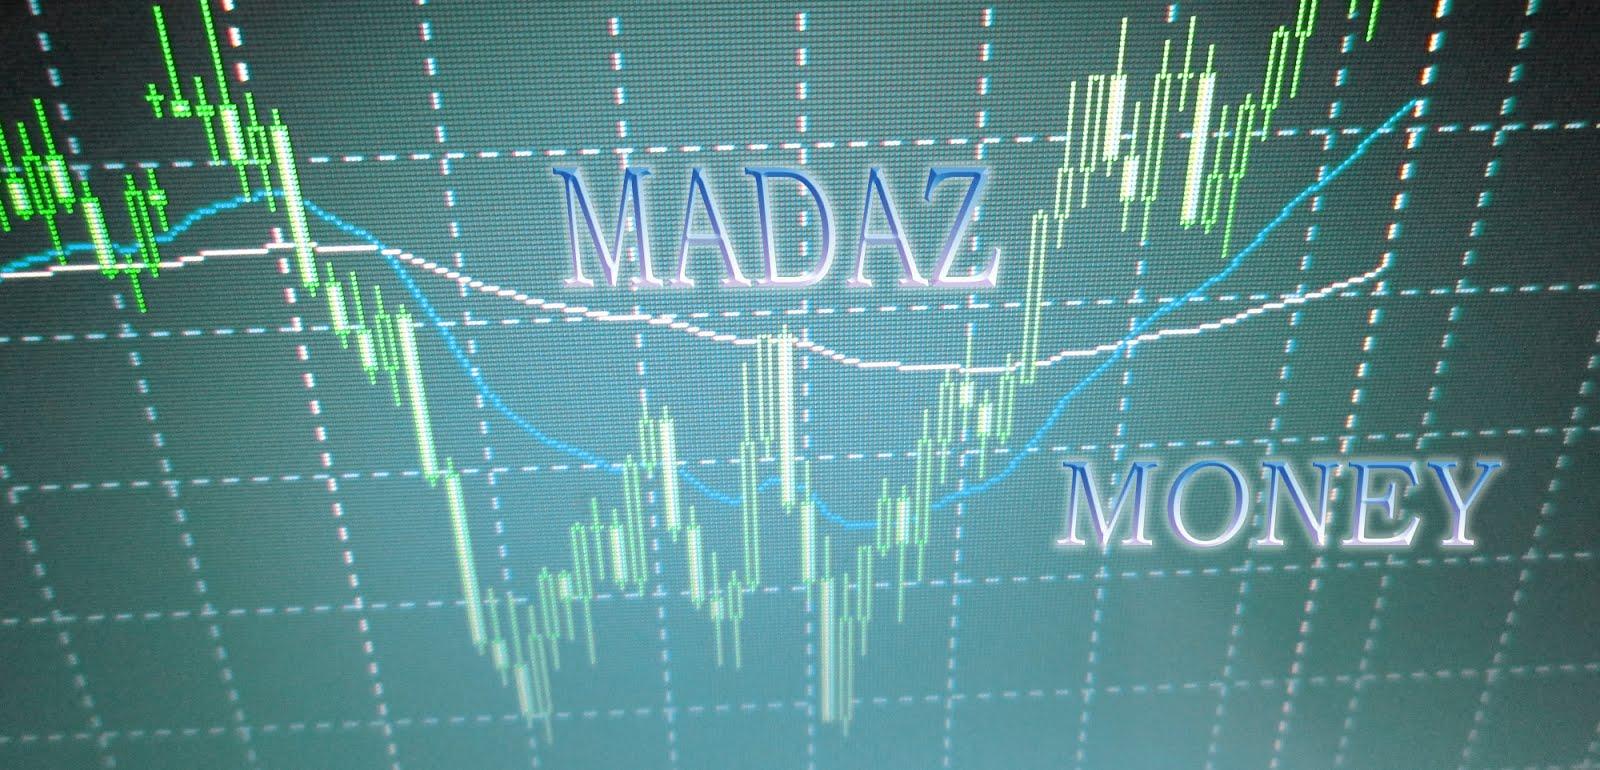 Madaz Money